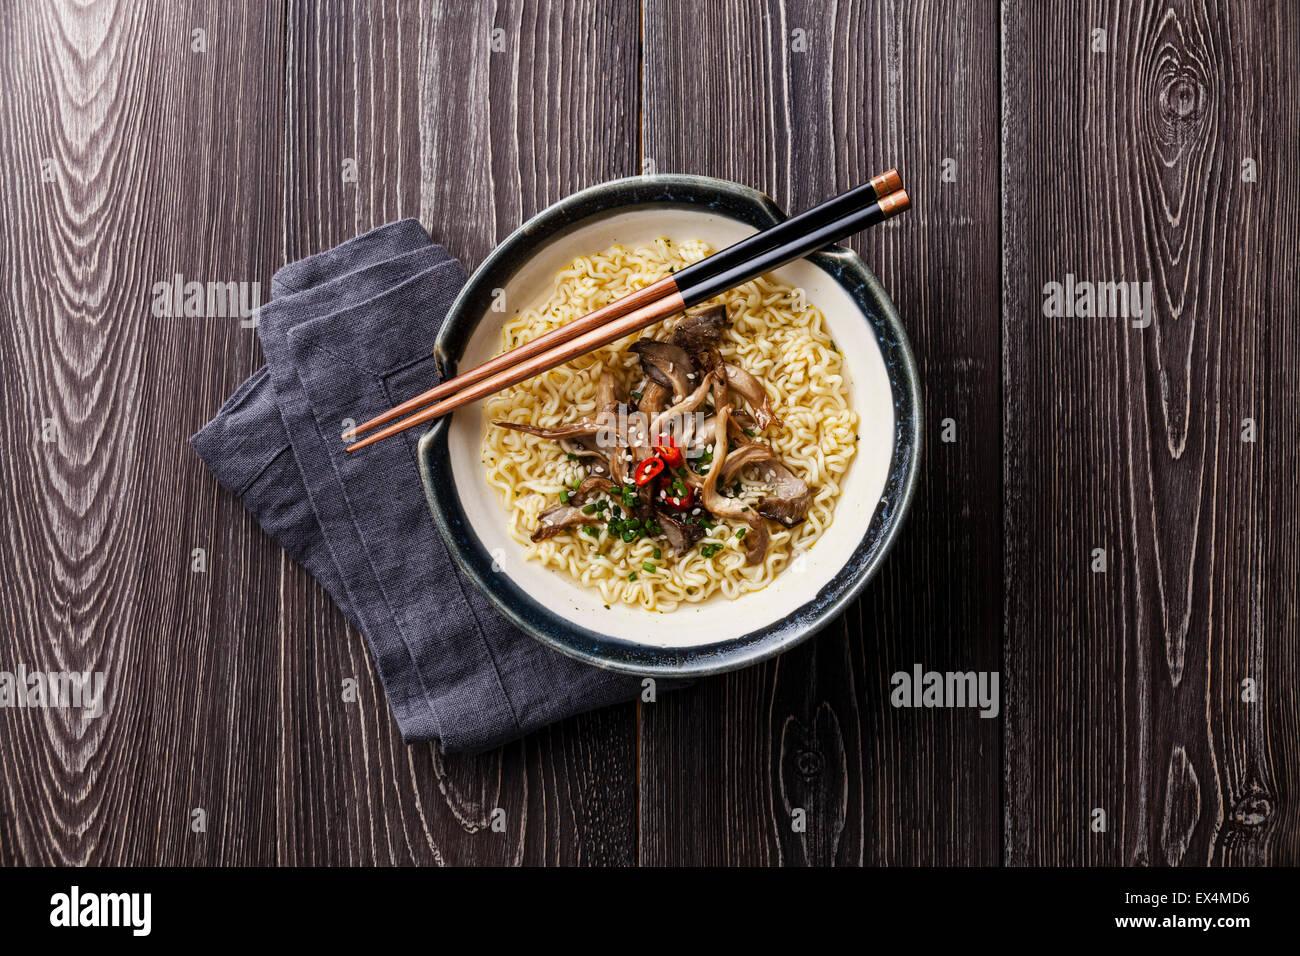 Nouilles asiatiques aux pleurotes en bol sur fond de bois gris Photo Stock